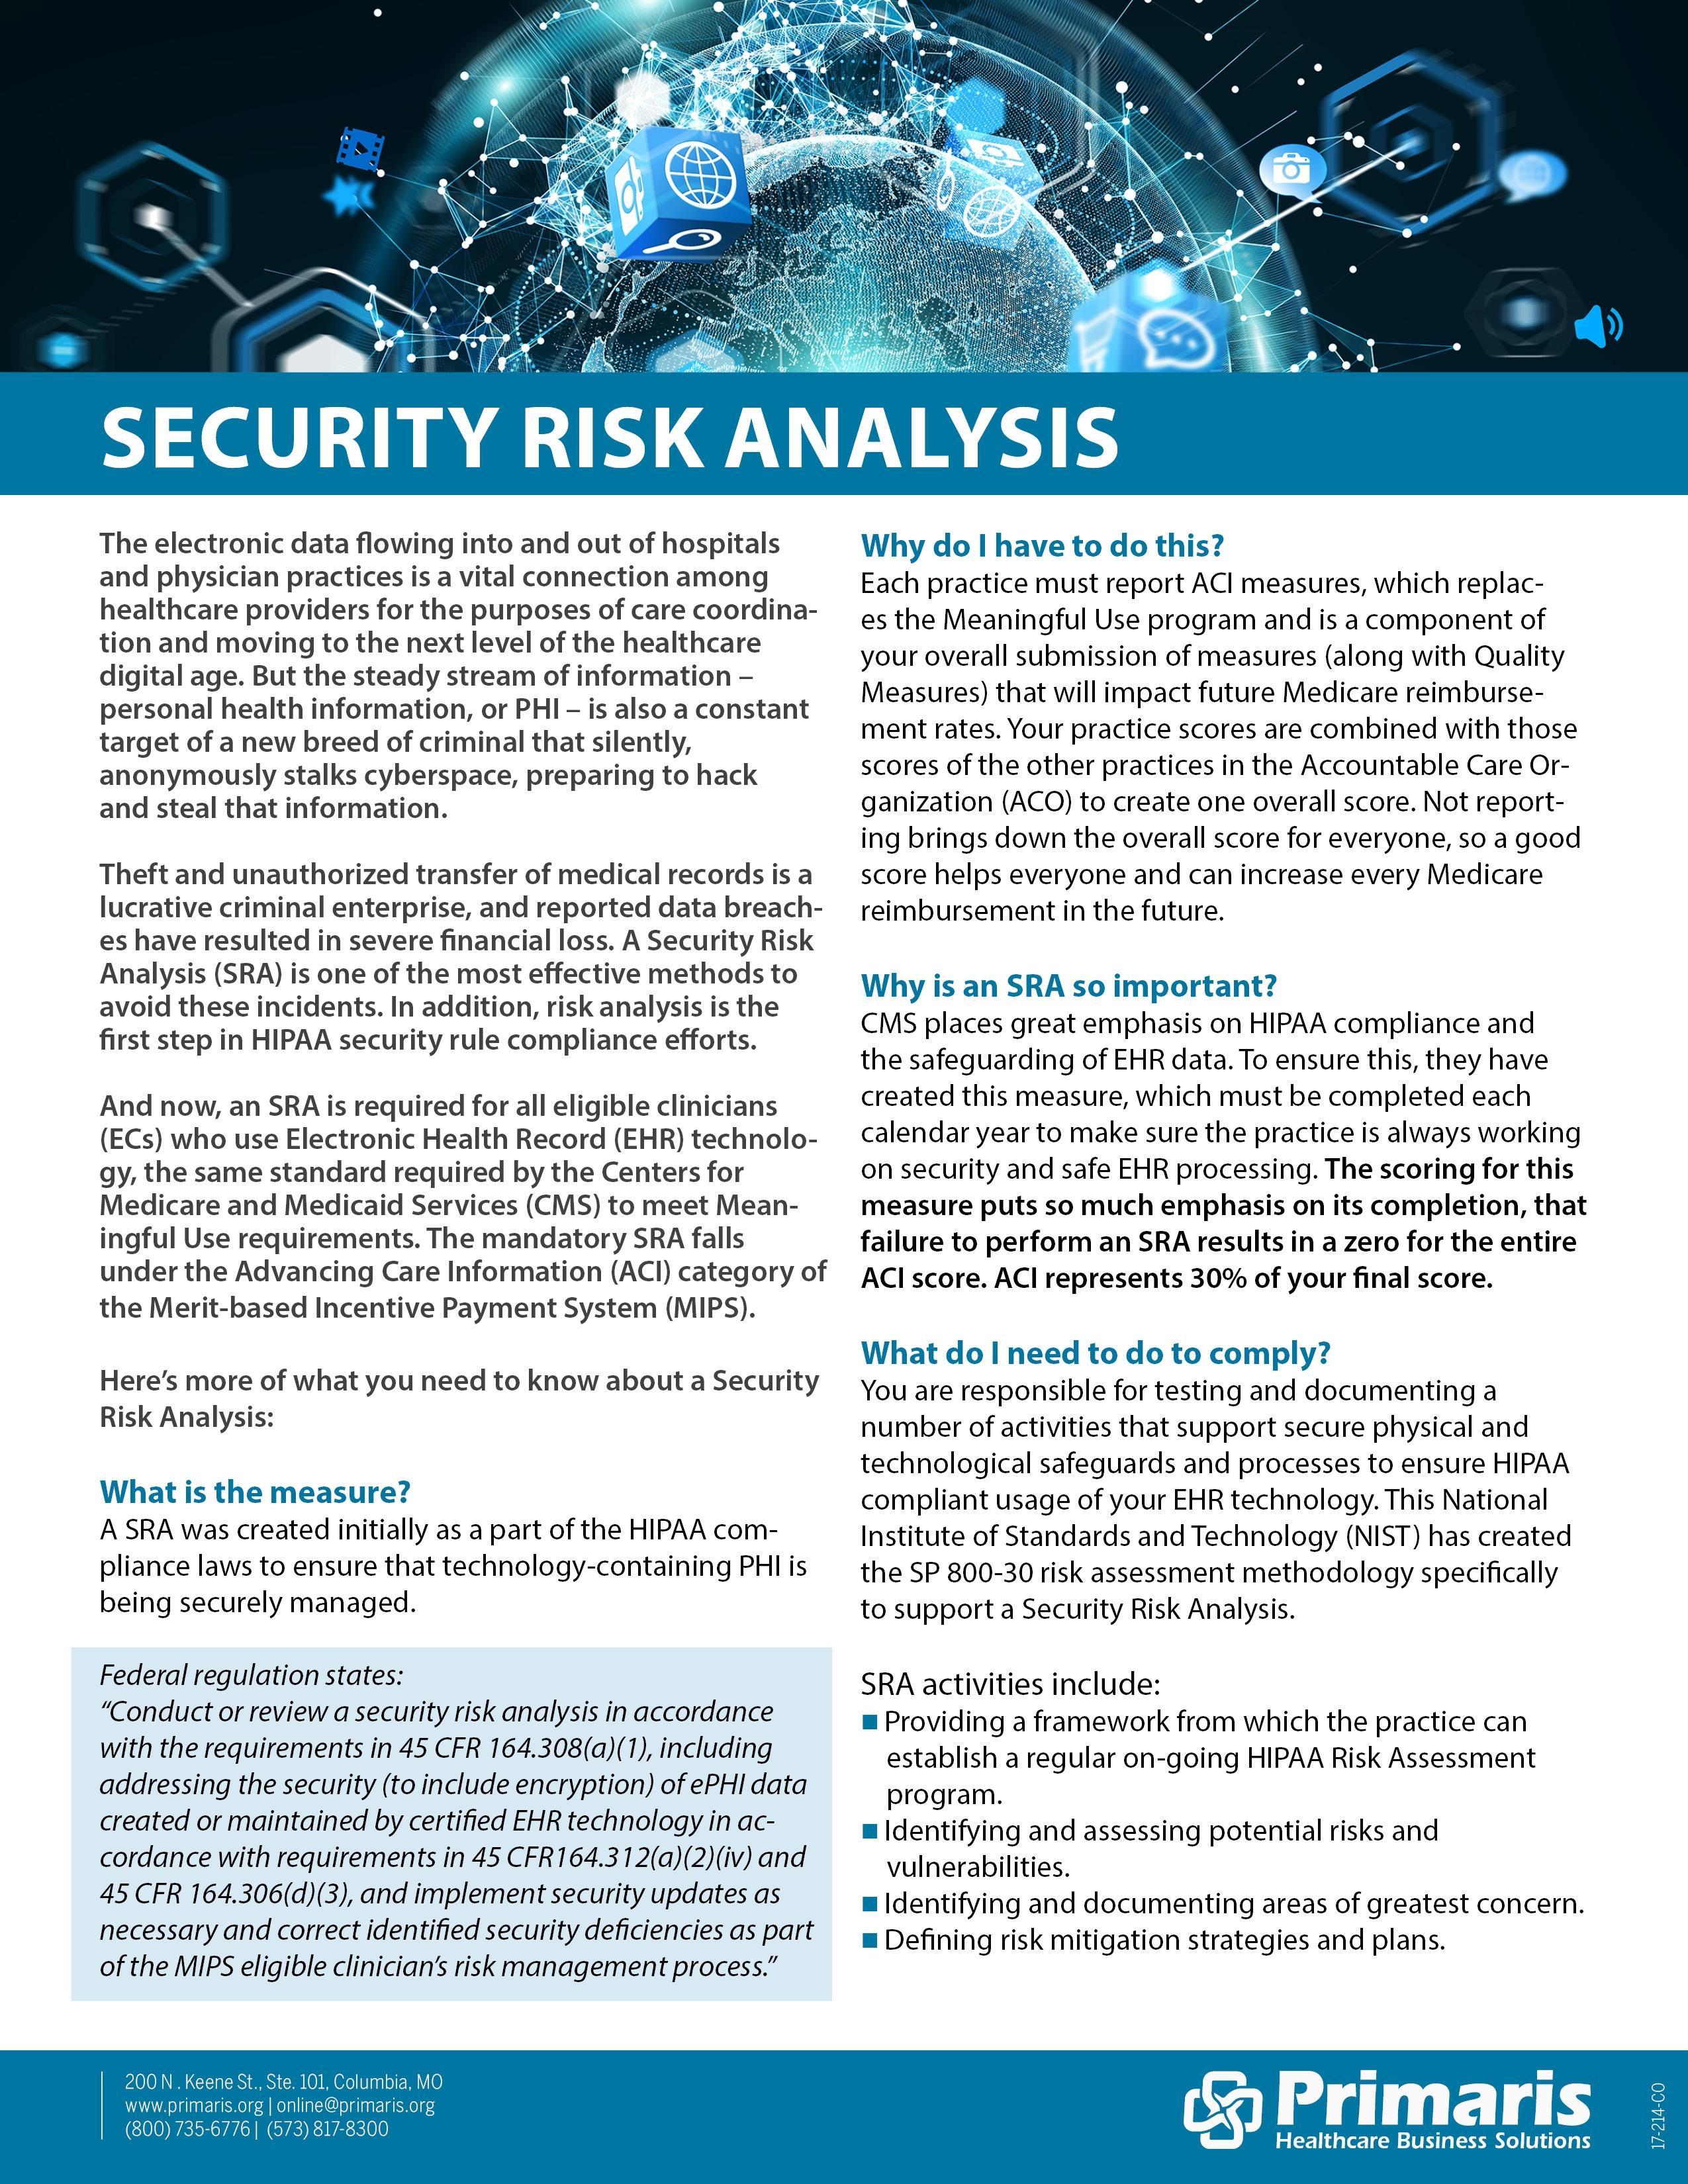 Primaris Security Risk Analysis